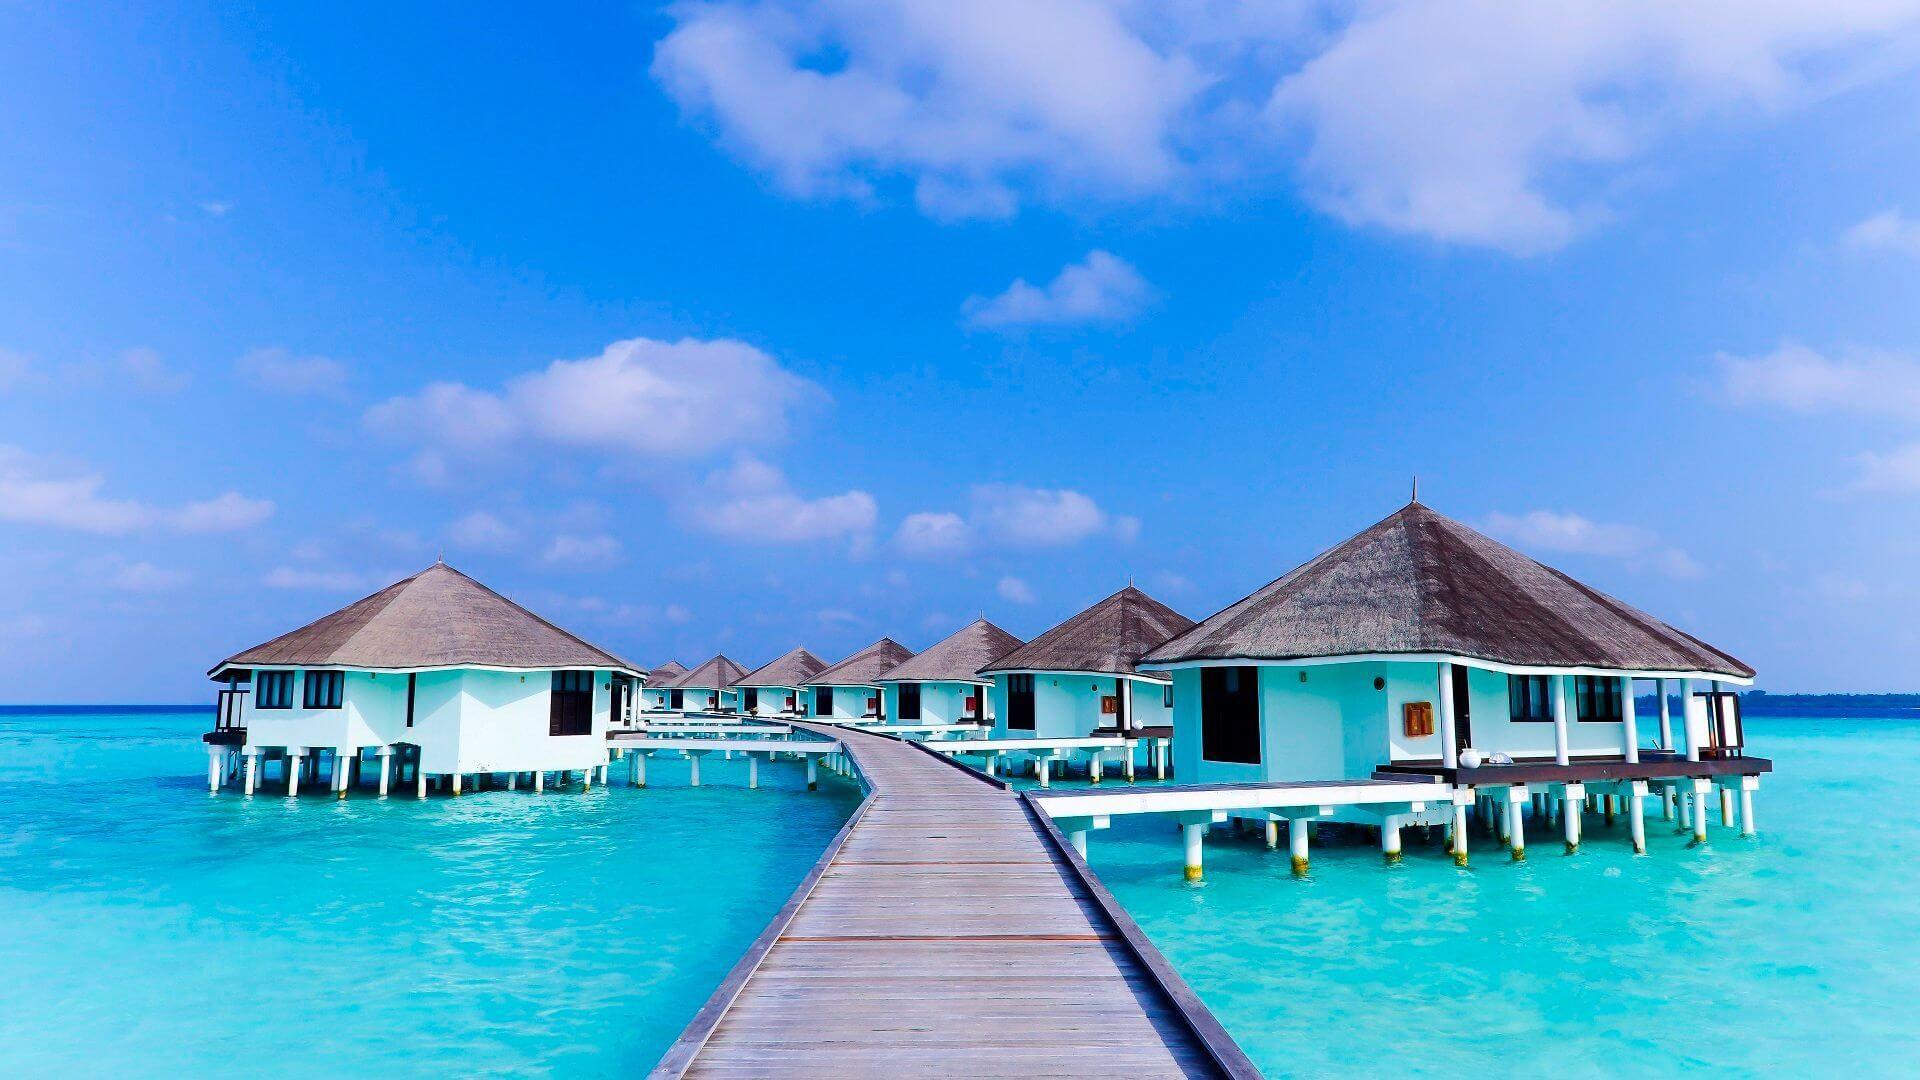 Kihaa Maldives 4* - Foto delle palafitte e del camminamento